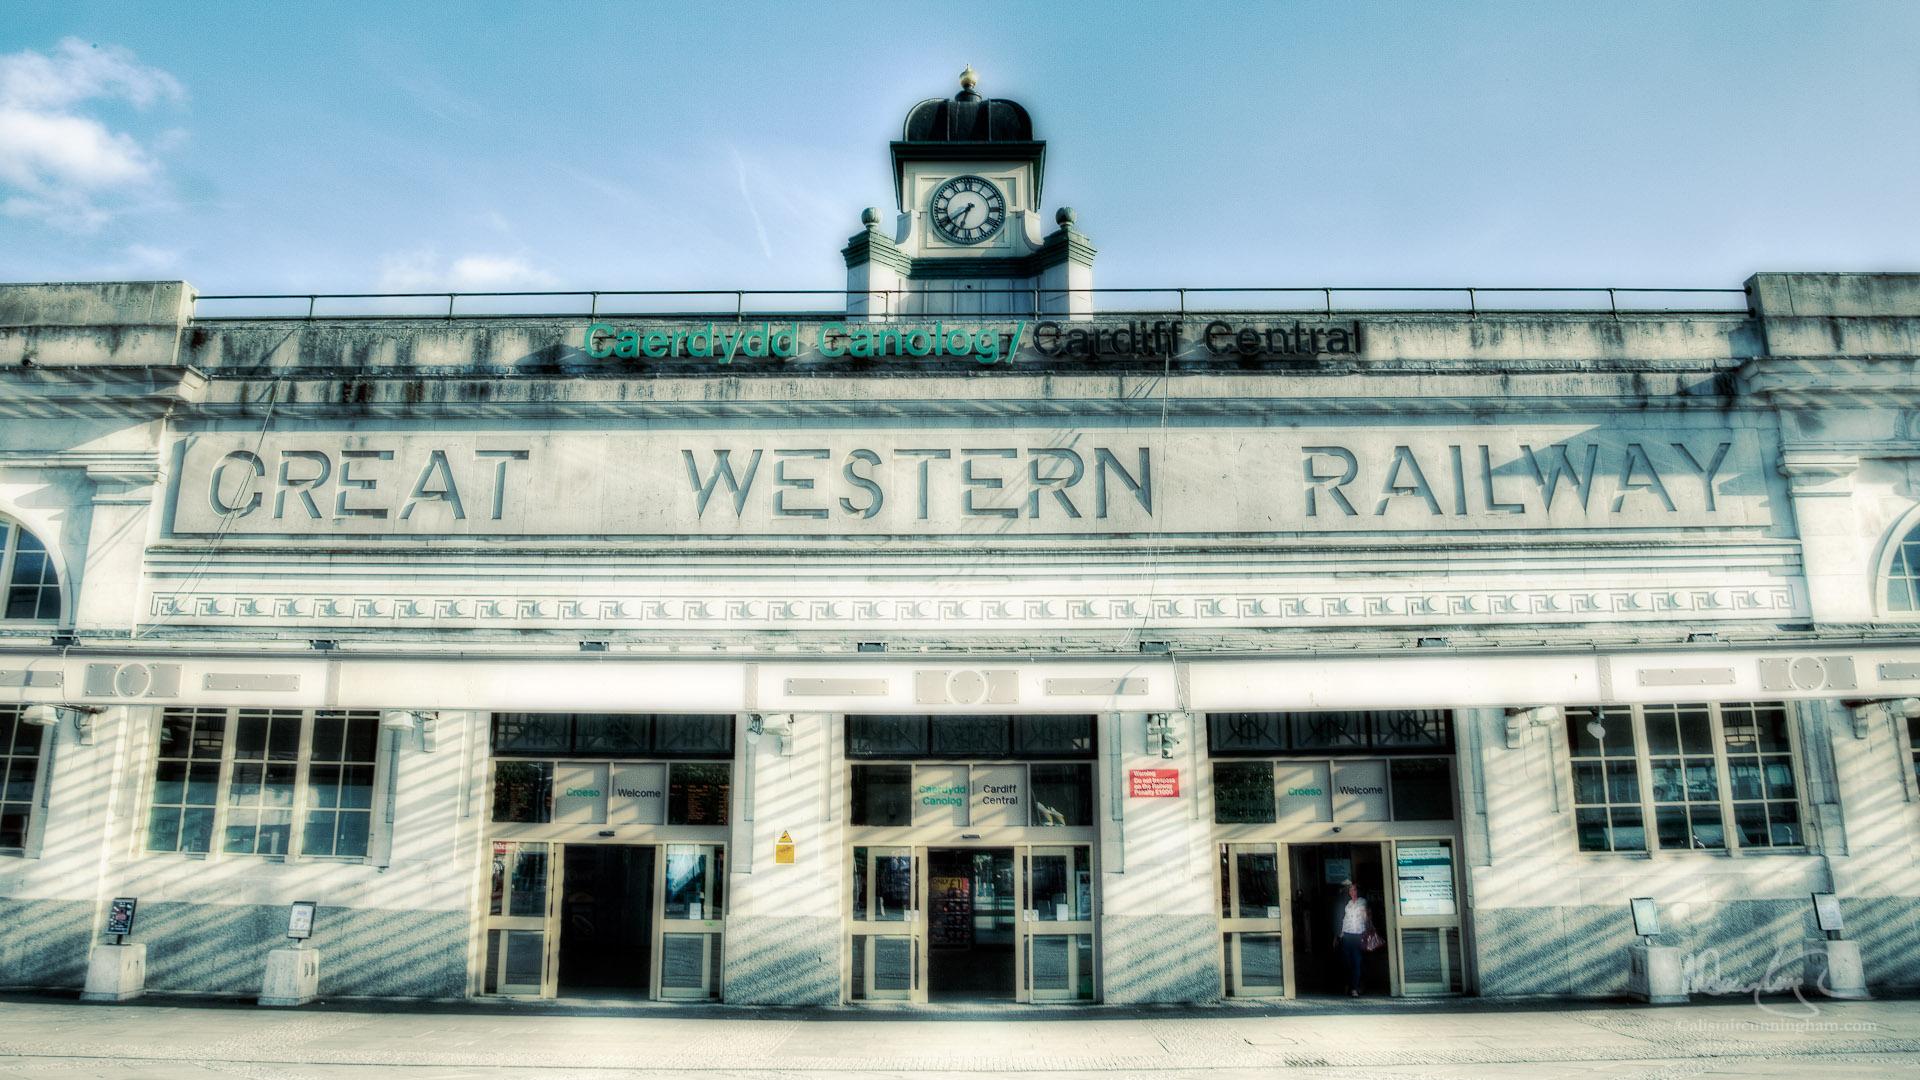 Caerdydd Canolog / Cardiff Central